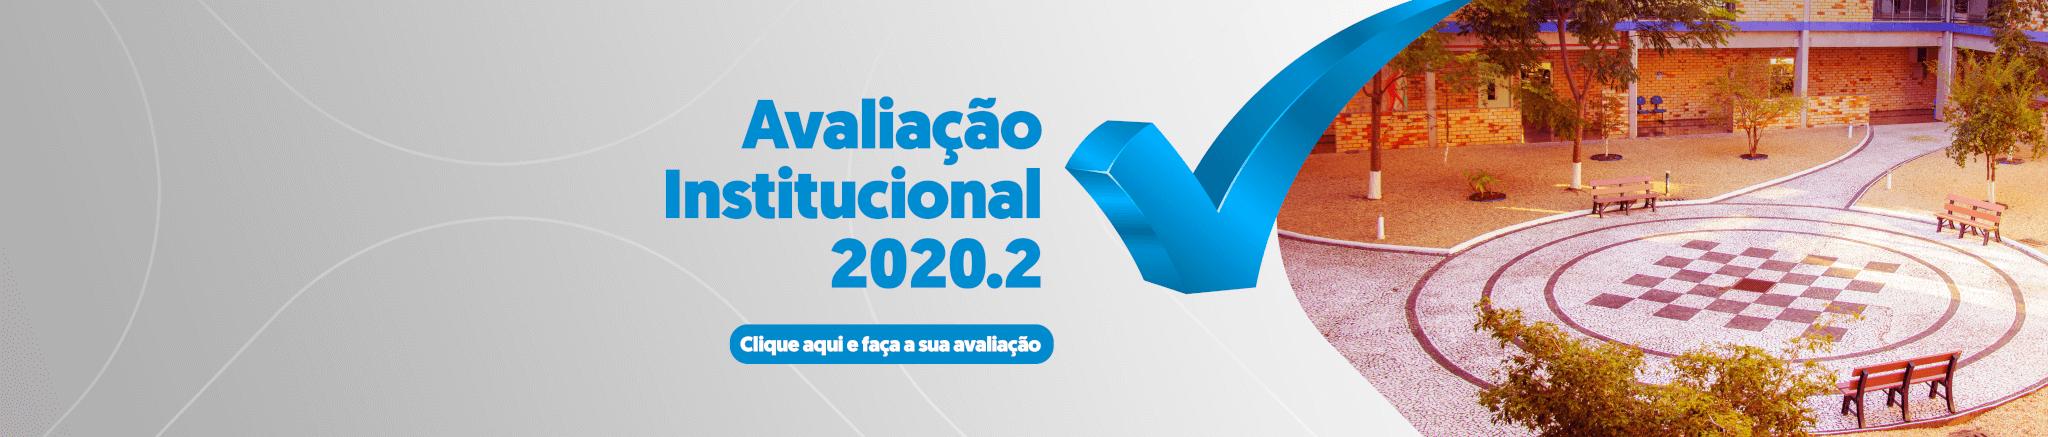 Avaliação Institucional Banner desktop 2020.2